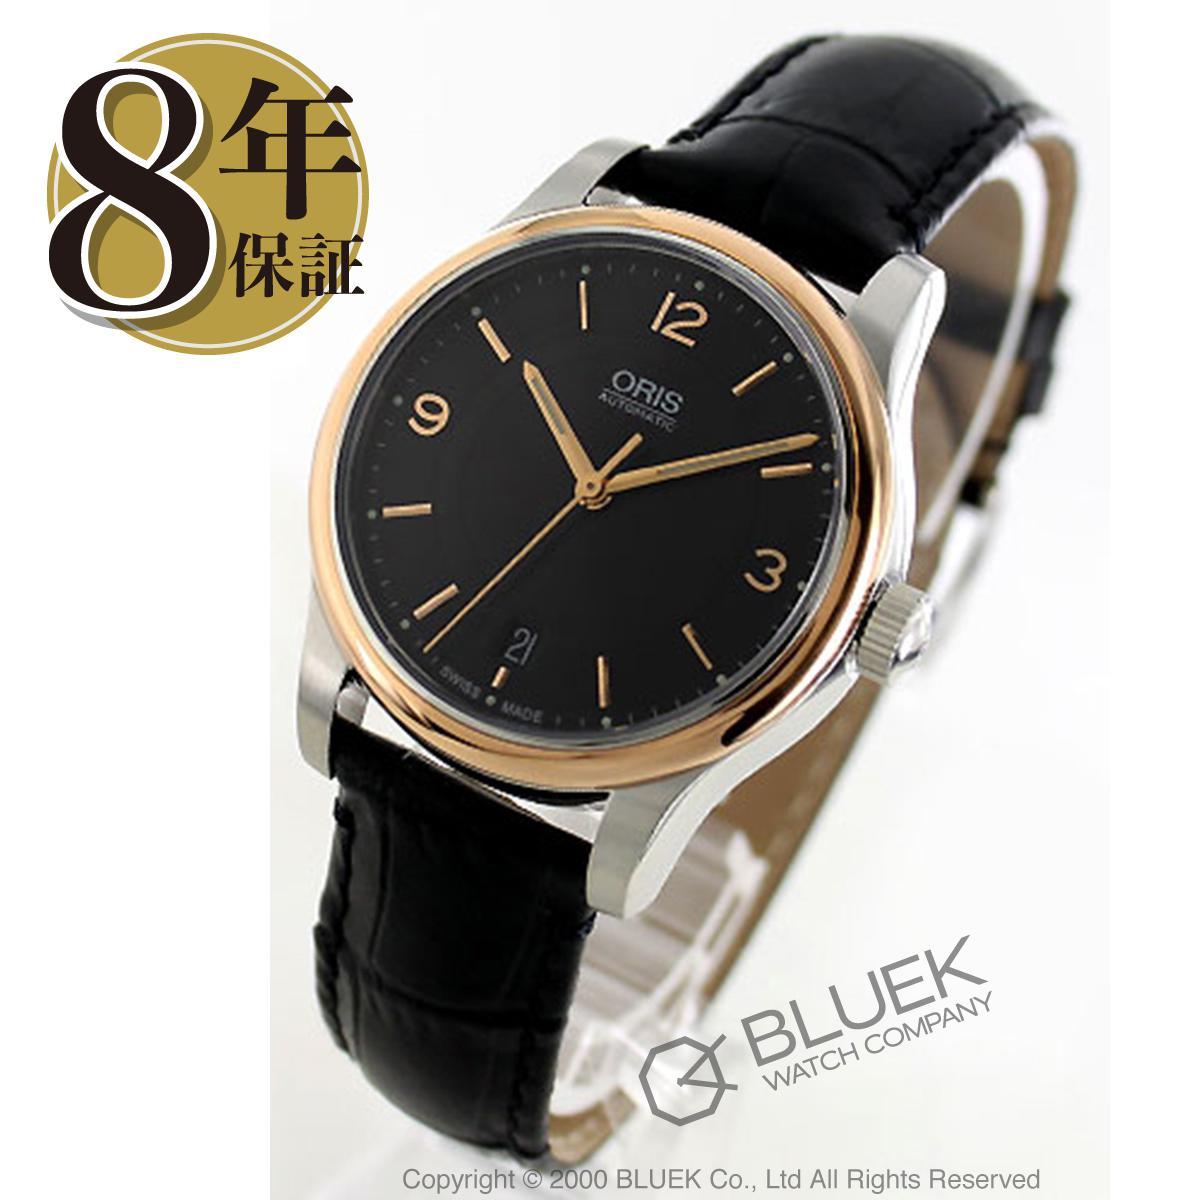 【1,000円OFFクーポン対象】オリス クラシック 腕時計 メンズ ORIS 733 7578 4334F_8